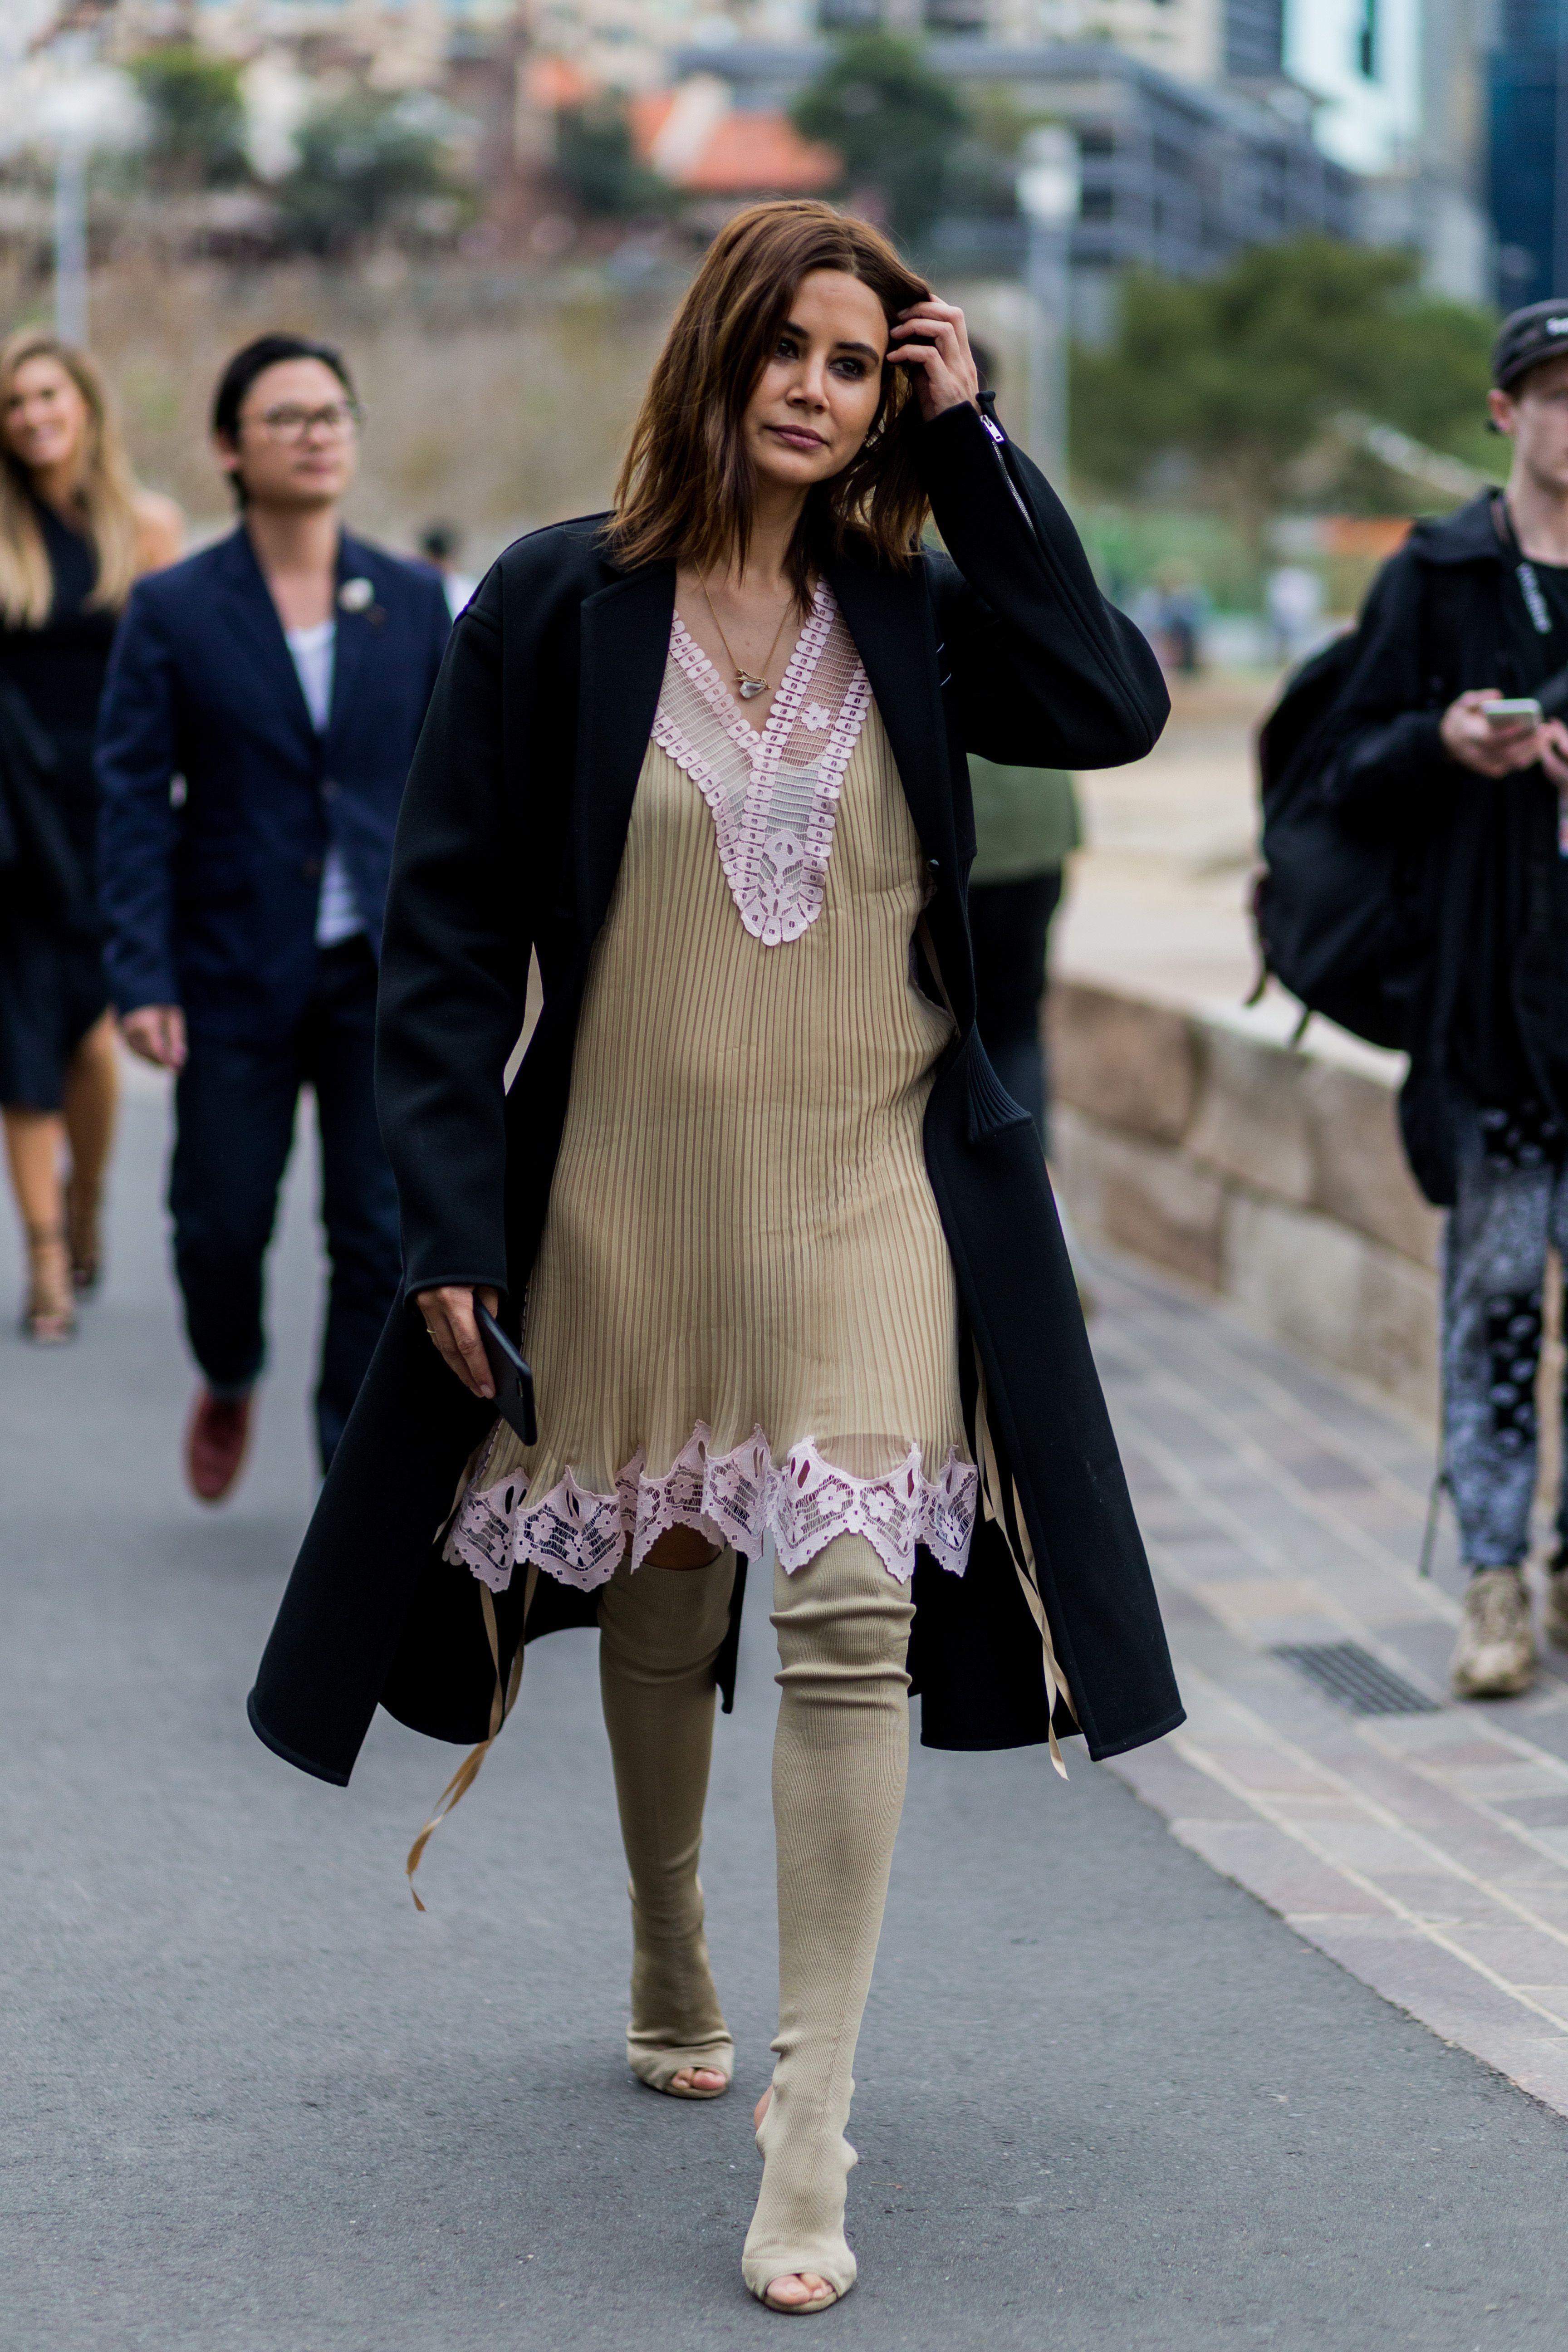 Best Street Style from Australia Fashion Week 2016